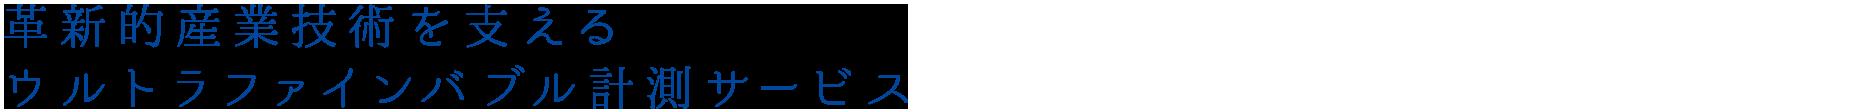 革新的産業技術を支えるウルトラファインバブル計測サービス